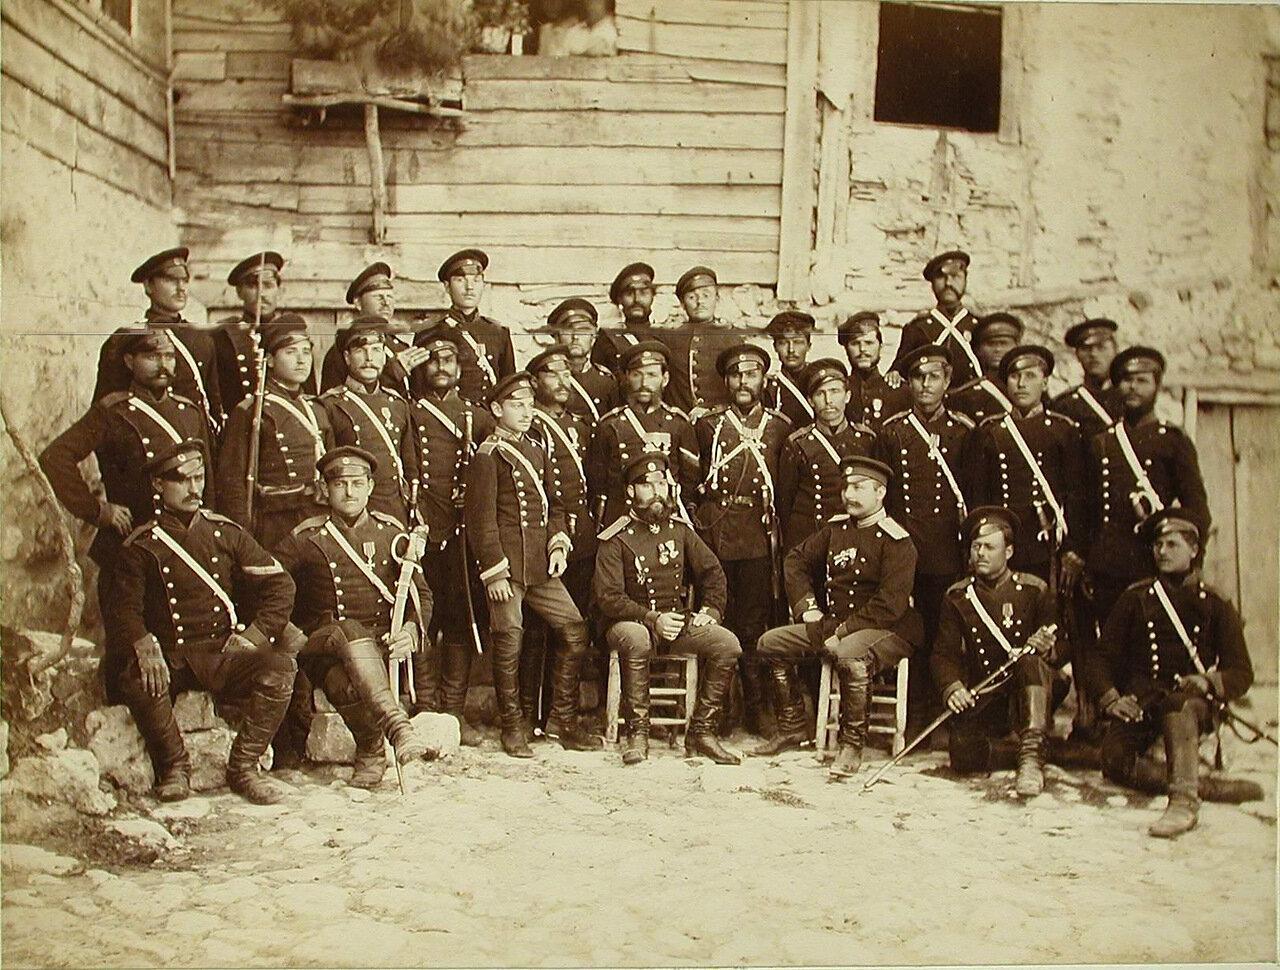 29. Группа офицеров и солдат 2-го эскадрона Лейб-гвардии Конно-Гренадёрского полка. Турция. Богоскиой